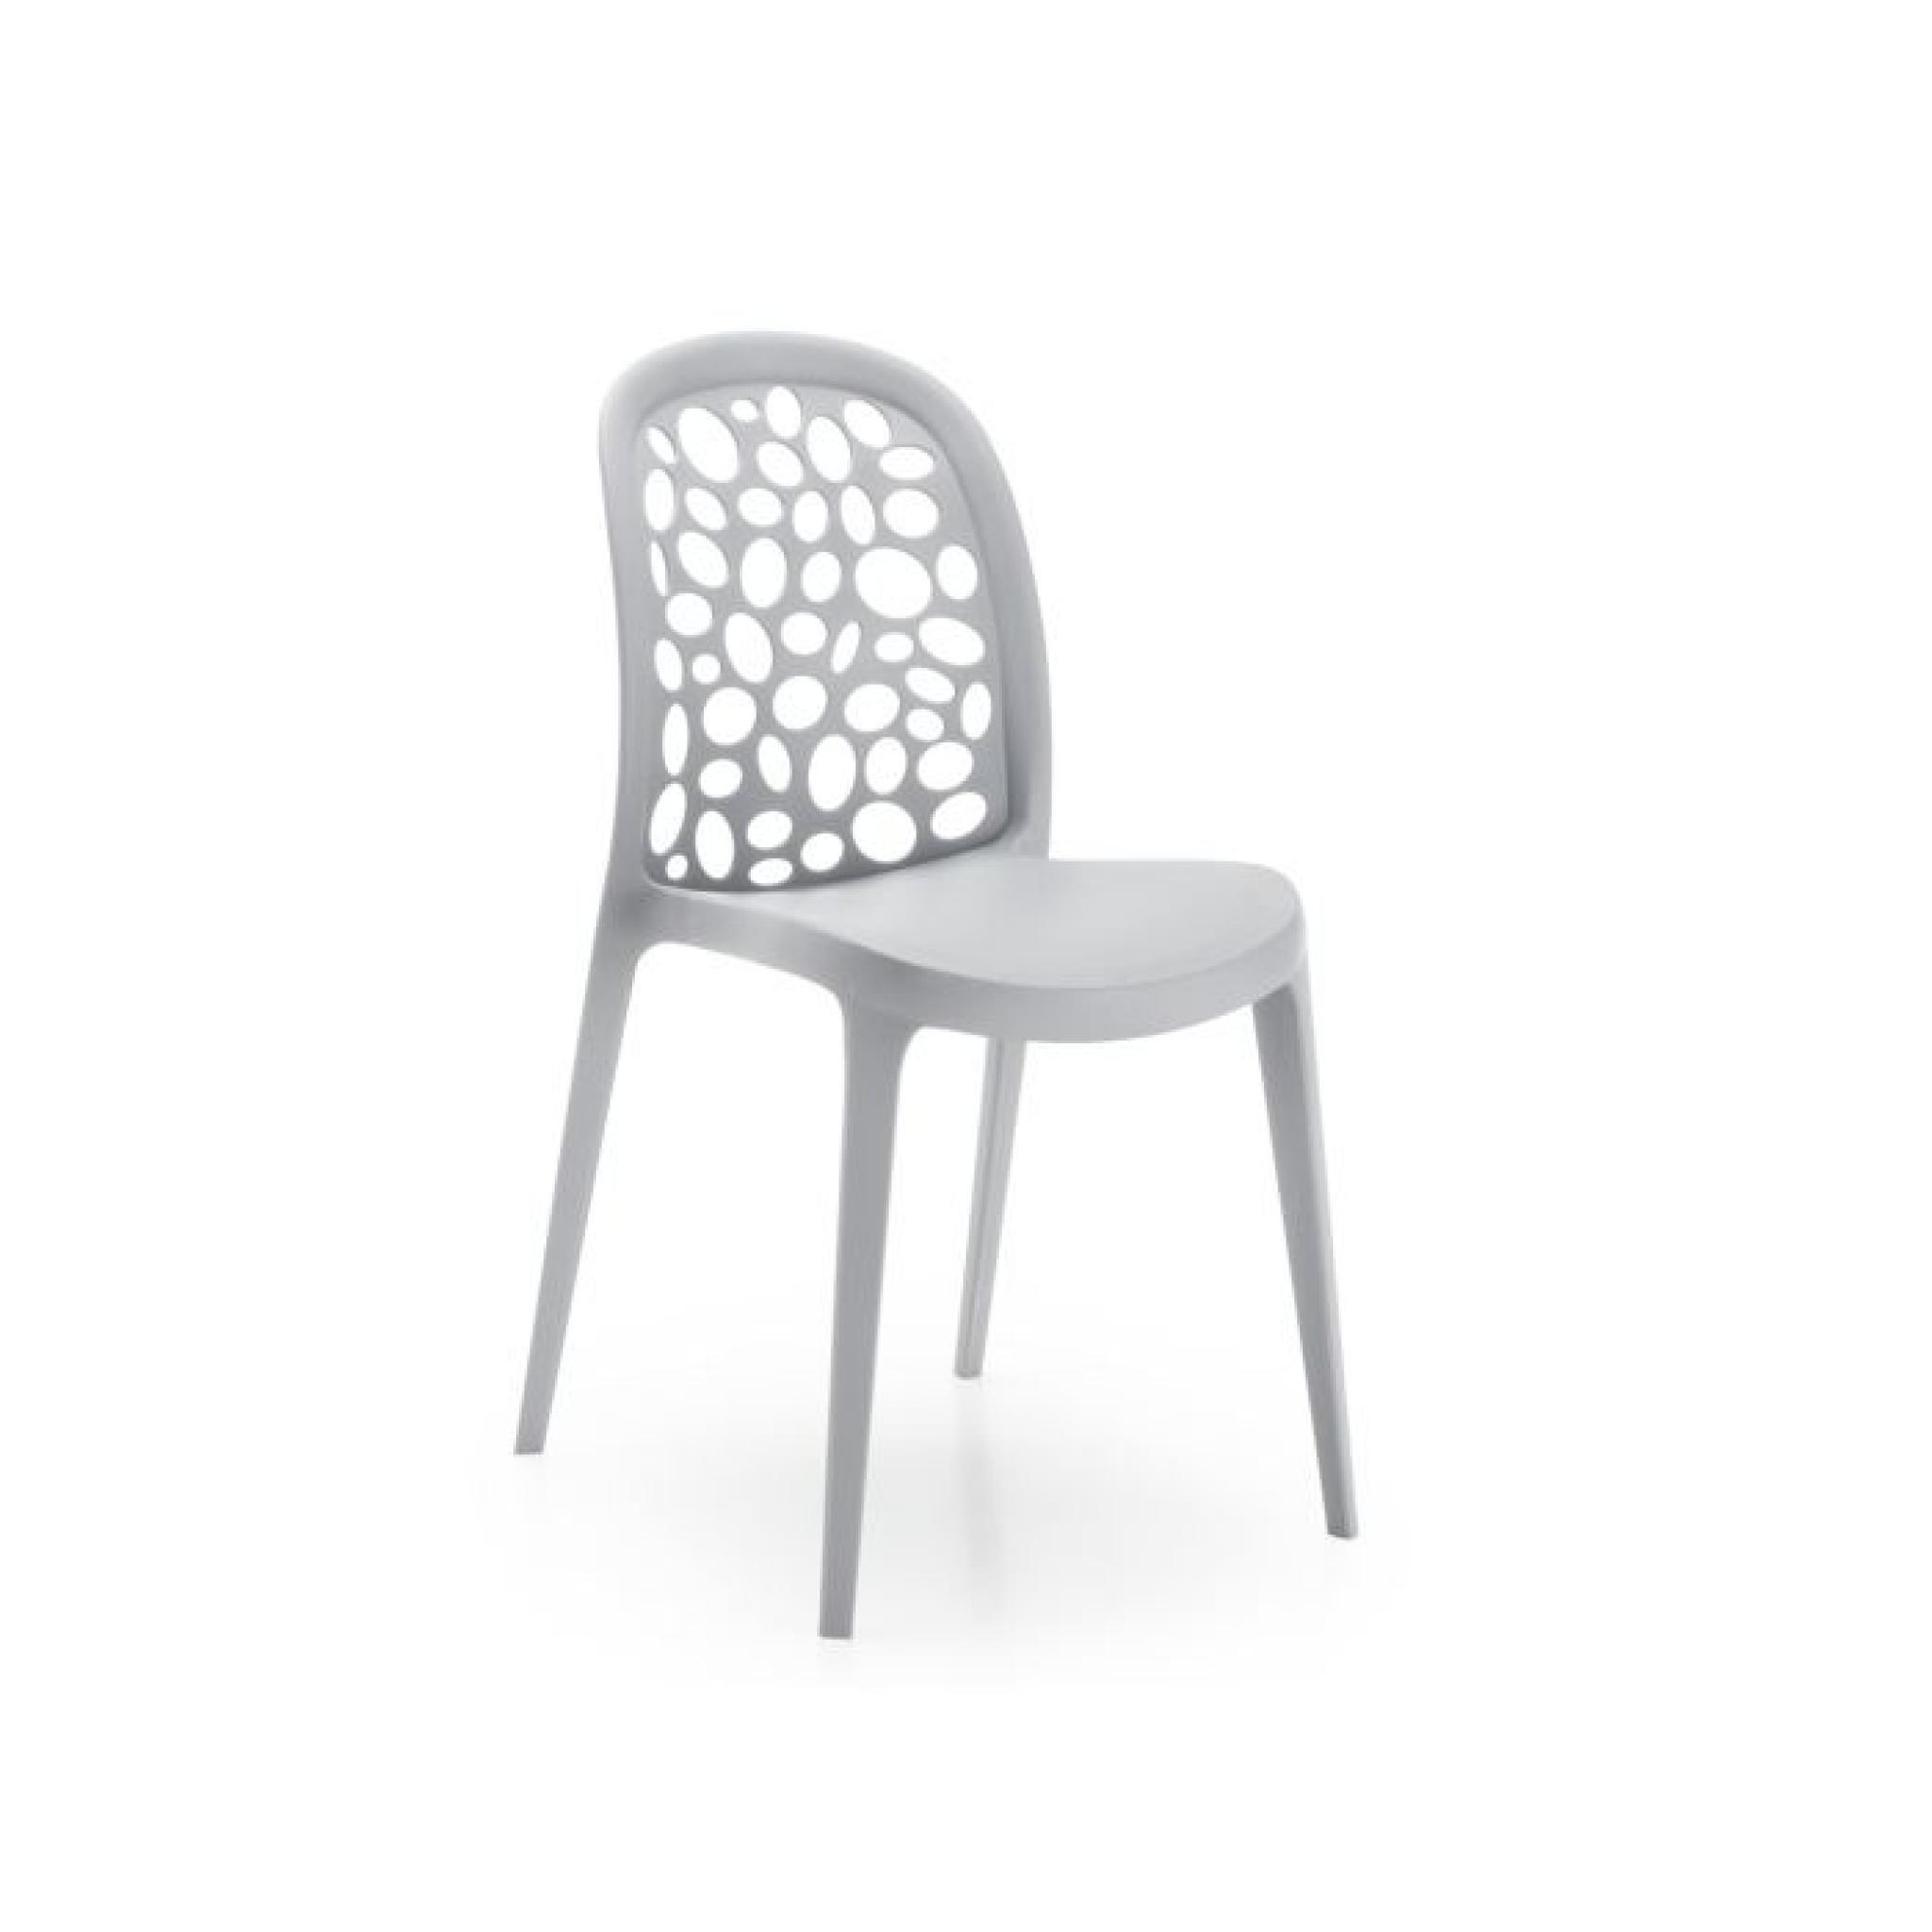 chaise messy gris achat vente chaise salle a manger pas cher couleur et. Black Bedroom Furniture Sets. Home Design Ideas